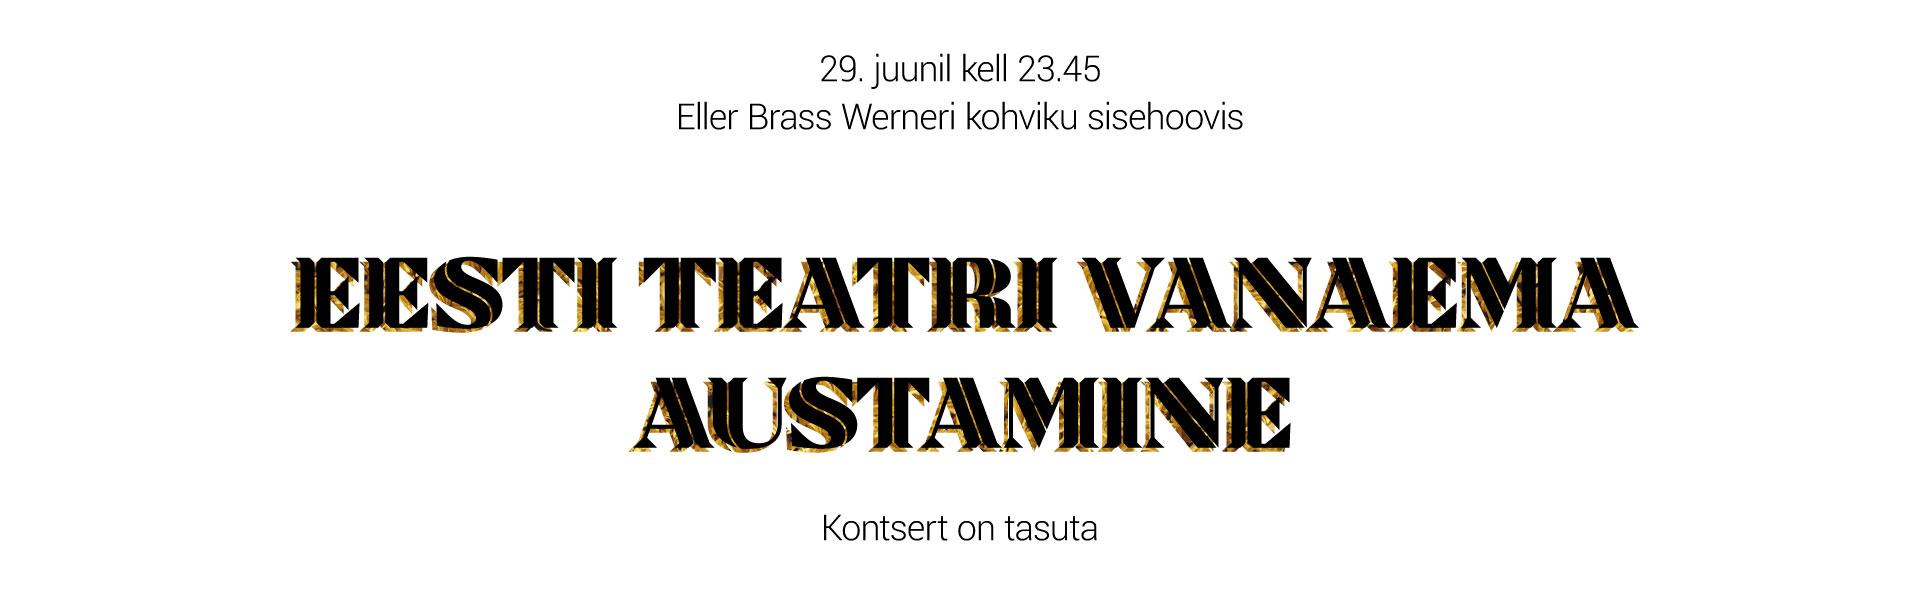 29-2345-eesti-teatri-vanaema-ustamine